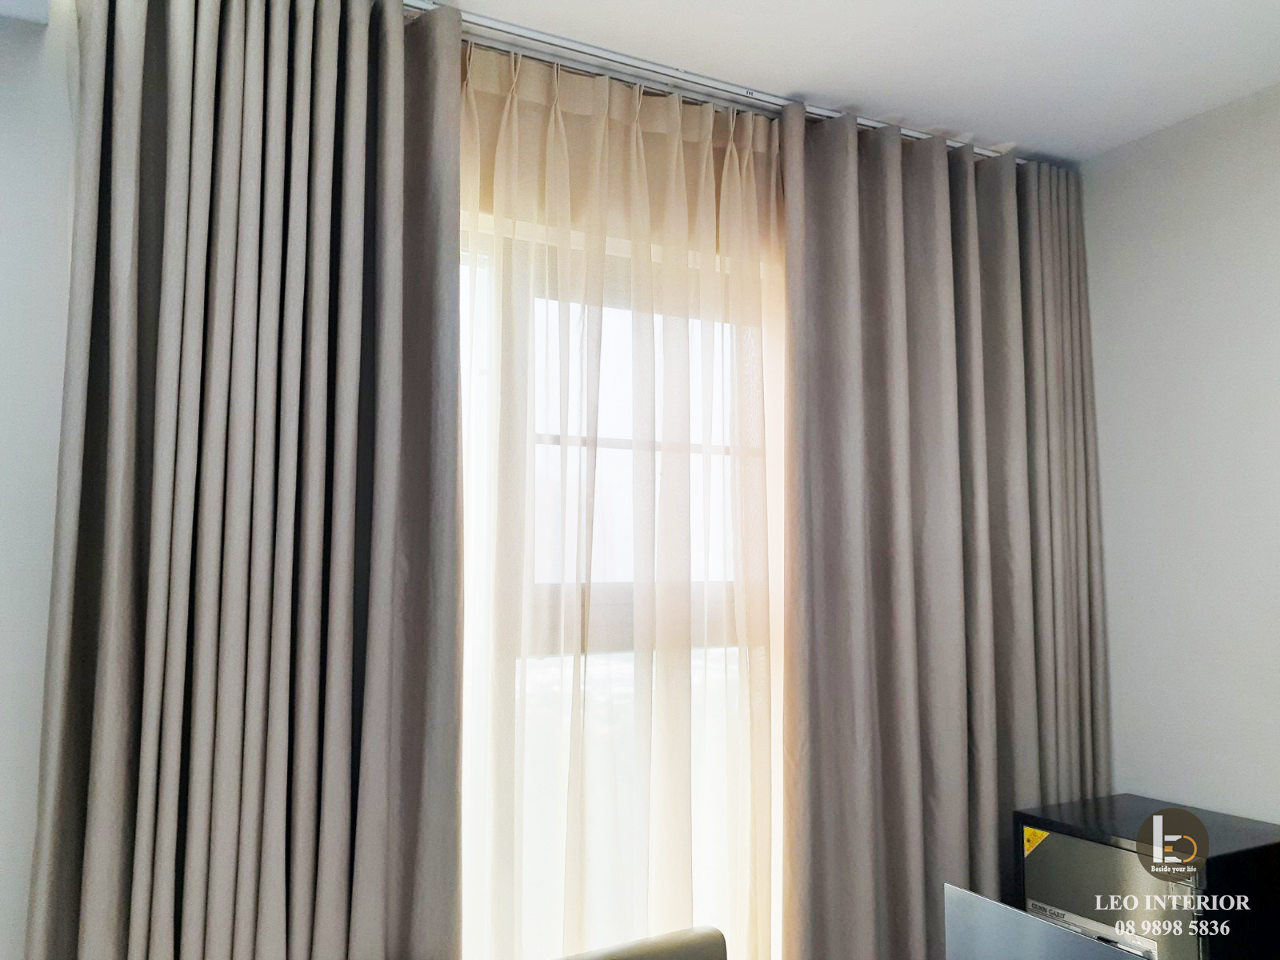 Rèm vải chống nắng Simplicity